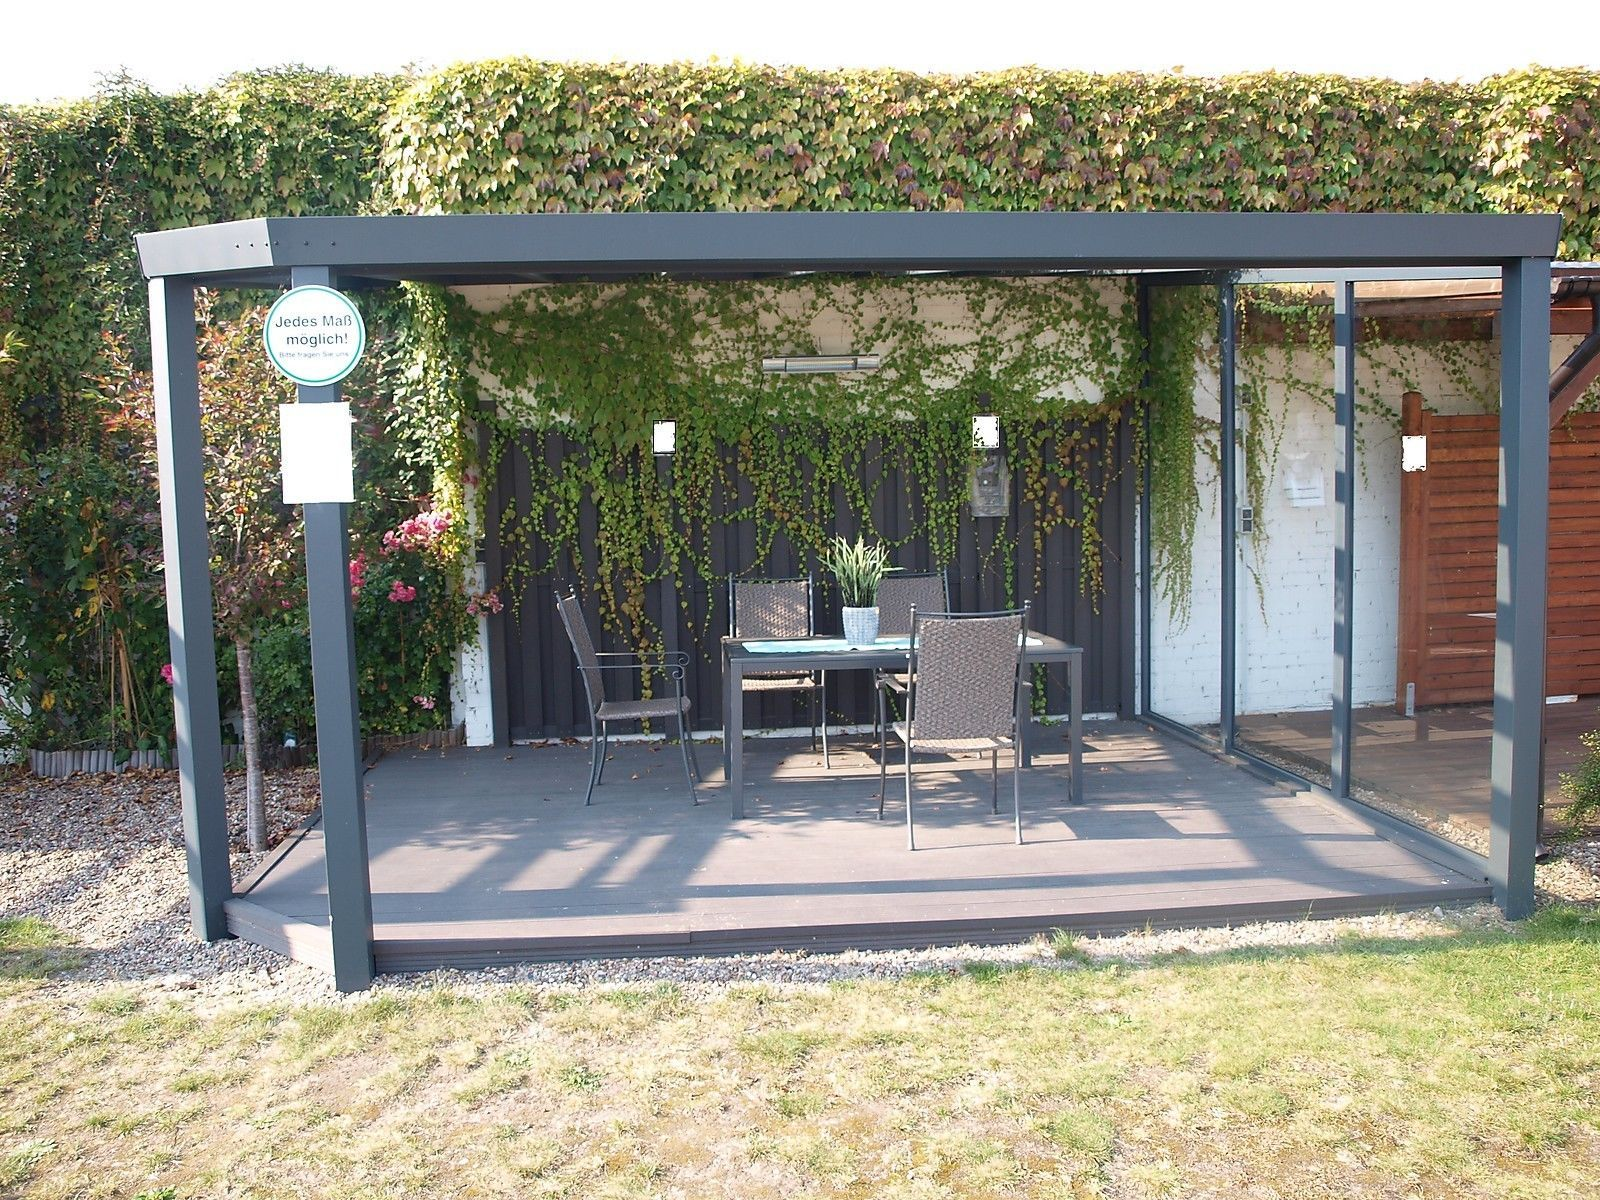 ALU Terrassendach mit VSG Glas 7,00 x 4,00 m Top Qualität! Terrassenüberdachung in Garten & Terrasse, Gartenbauten & Sonnenschutz, Markisen, Terrassenüberdachung   eBay!